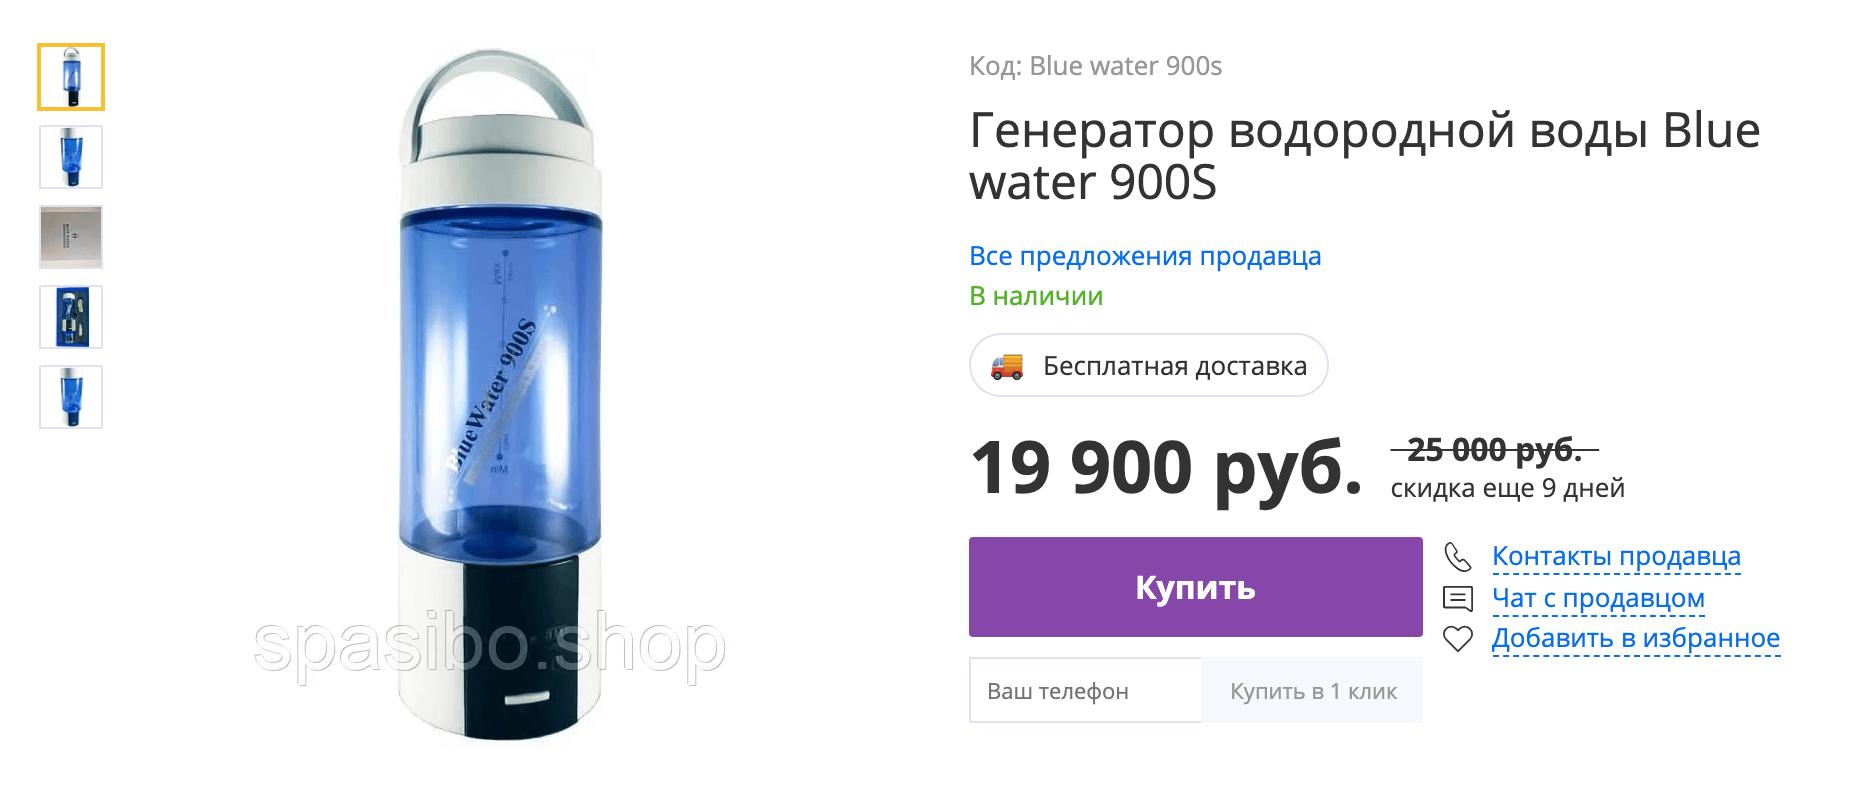 Электронный генератор водородной воды, есть крепление длябутылки